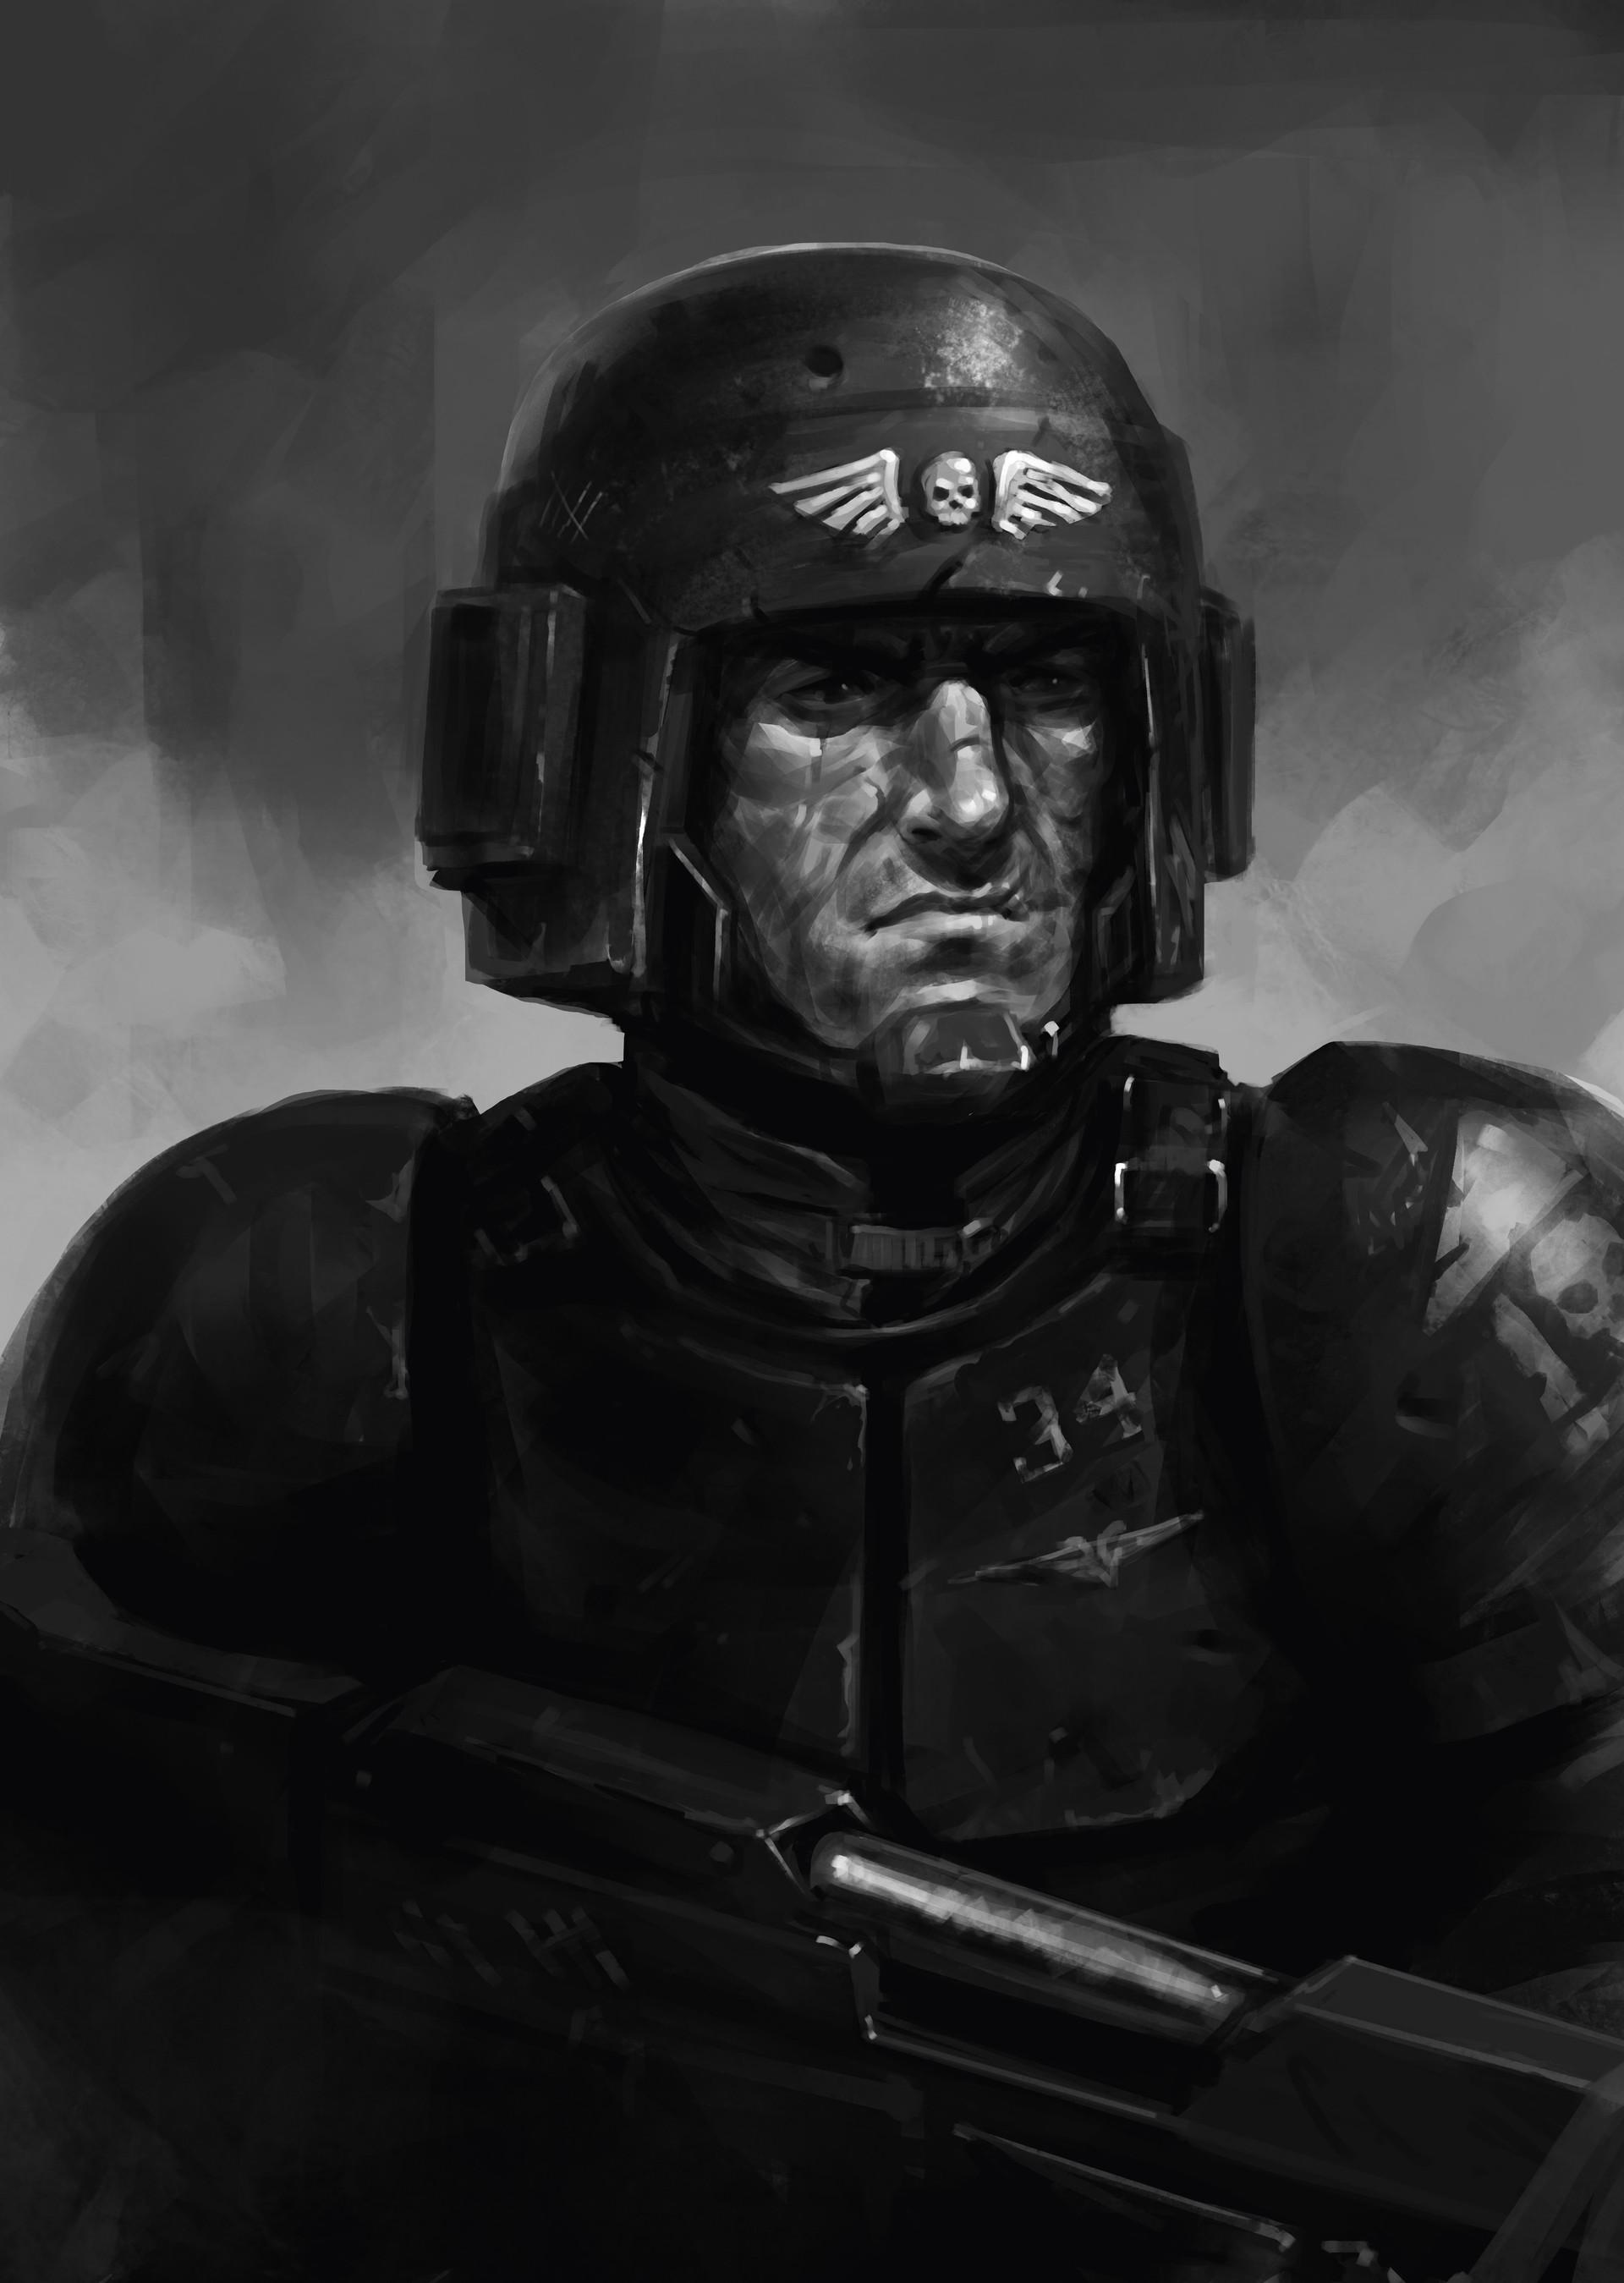 Salvador trakal sketch85b